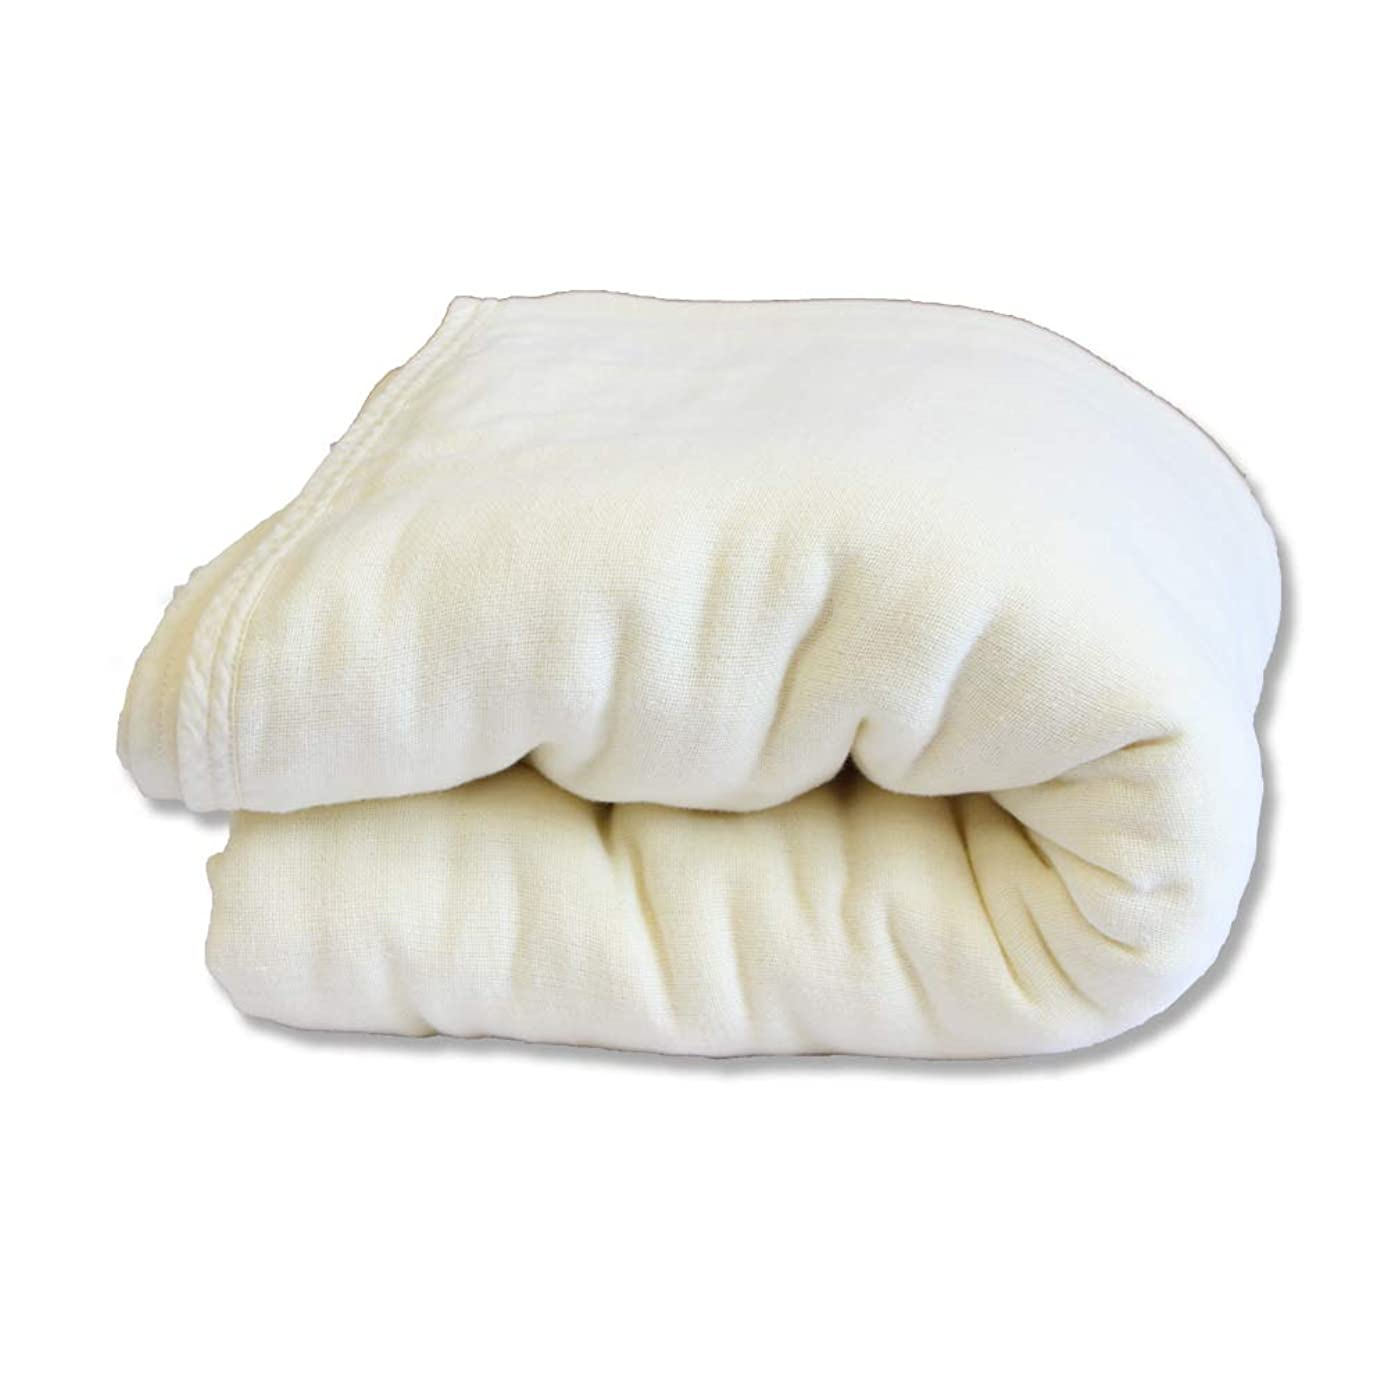 ベリからに変化する話す共進繊維 5重織りガーゼケット シングル (140 × 200cm) タオルケット オールシーズン 天然素材綿100% 洗濯可能